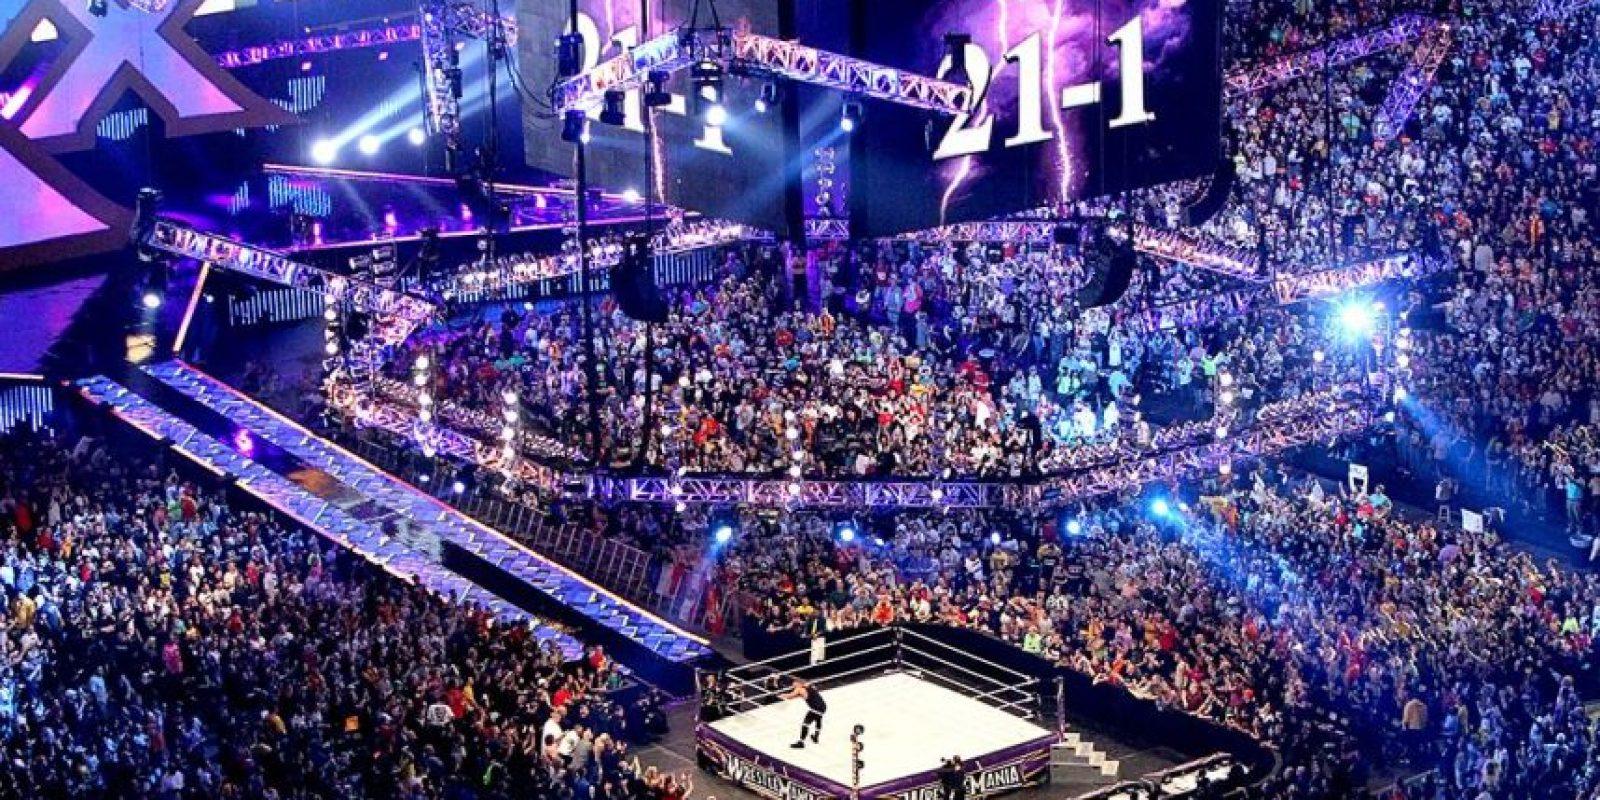 Y ahora su marca en el evento estelar se encuentra 21-1 Foto:WWE